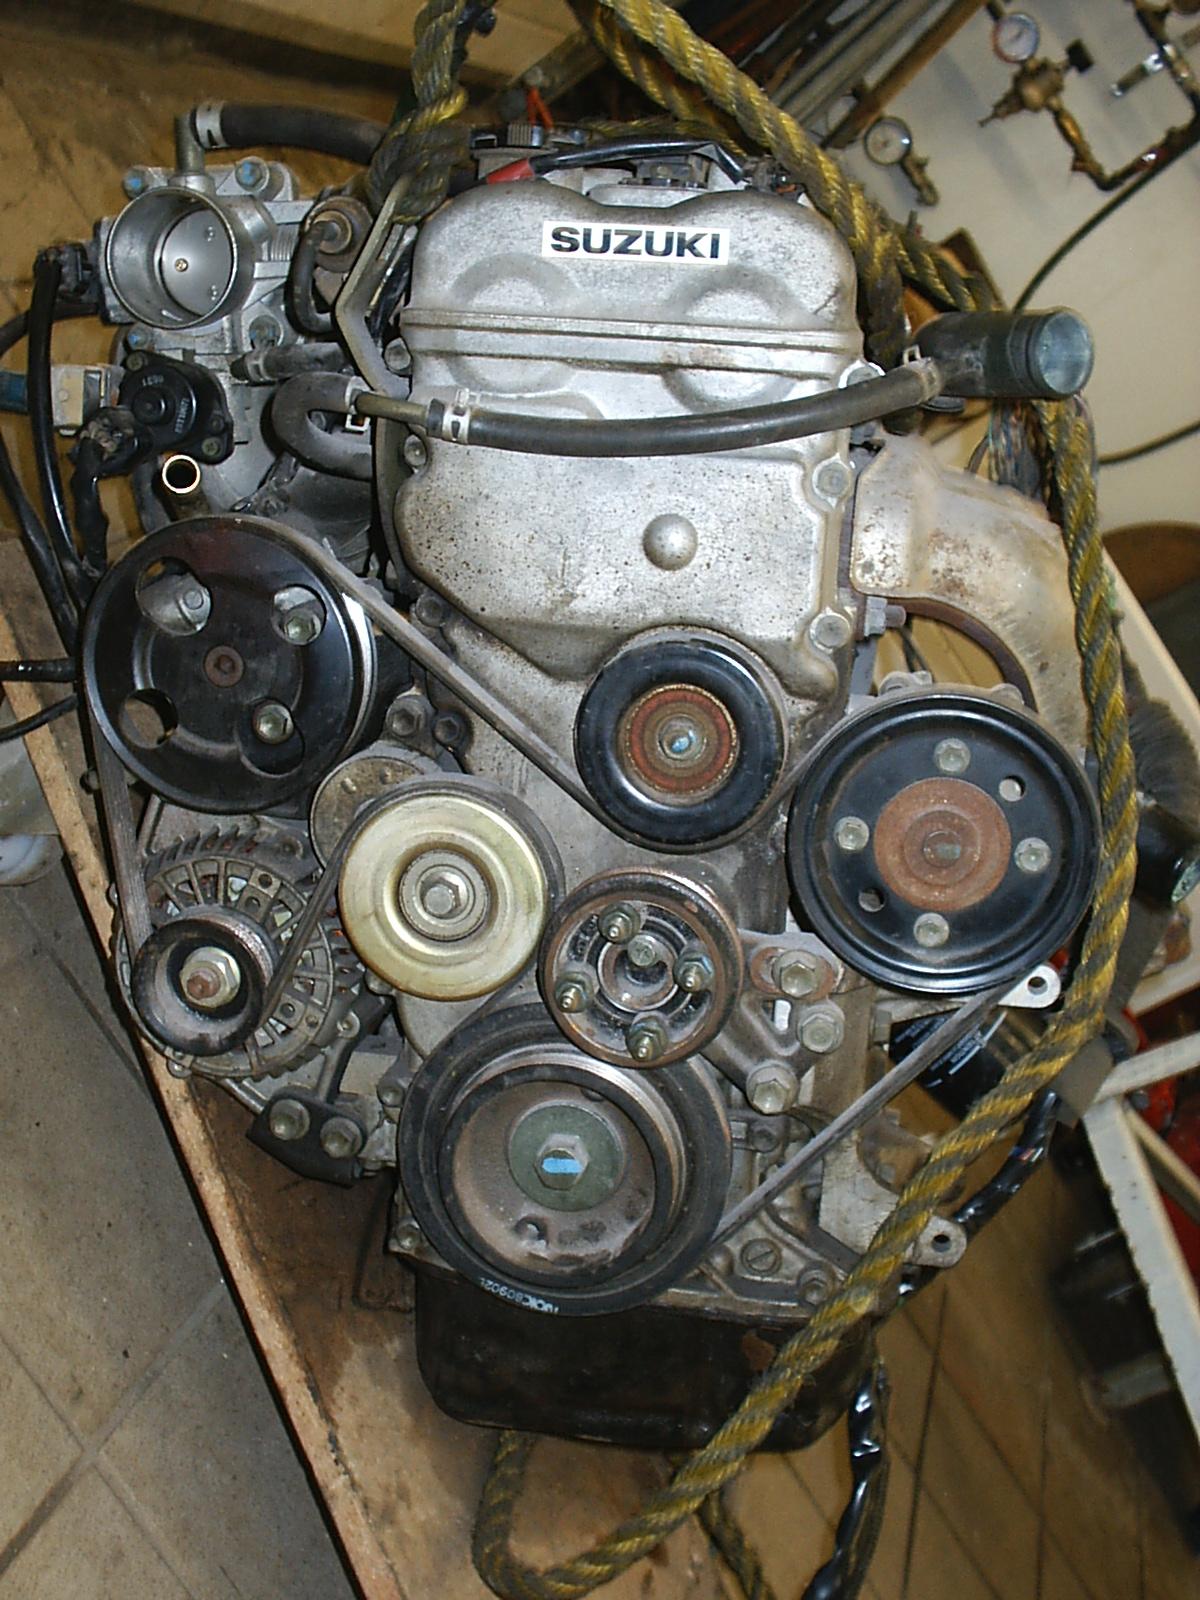 Suzuki Grand Vitara Water Pump Replacement